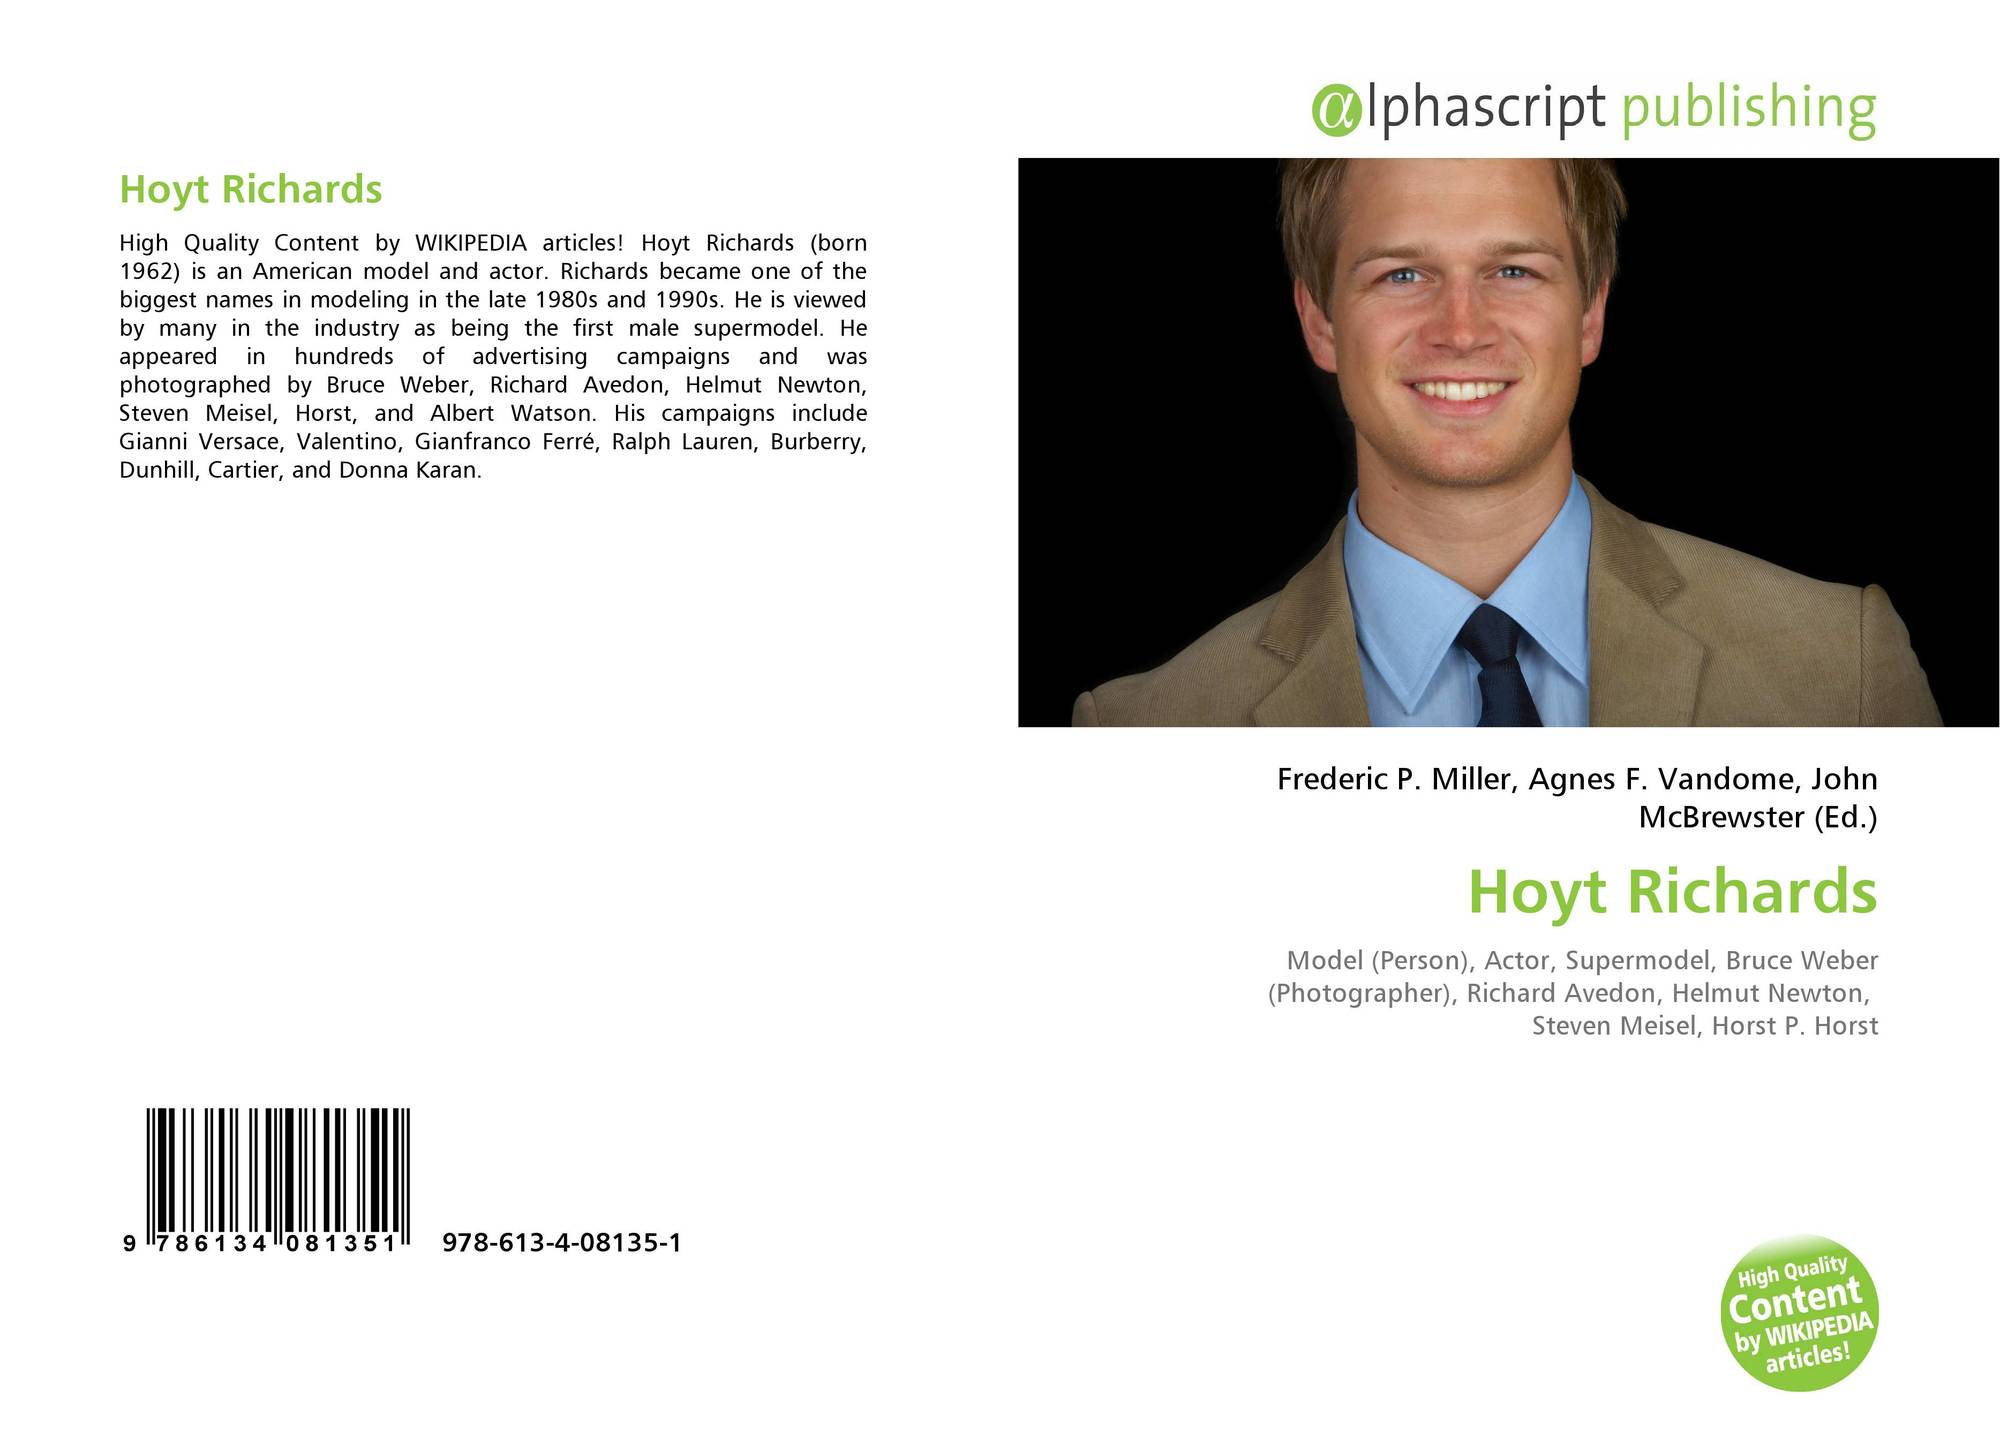 Hoyt Richards, 978-613-4-08135-1, 6134081353 ,9786134081351